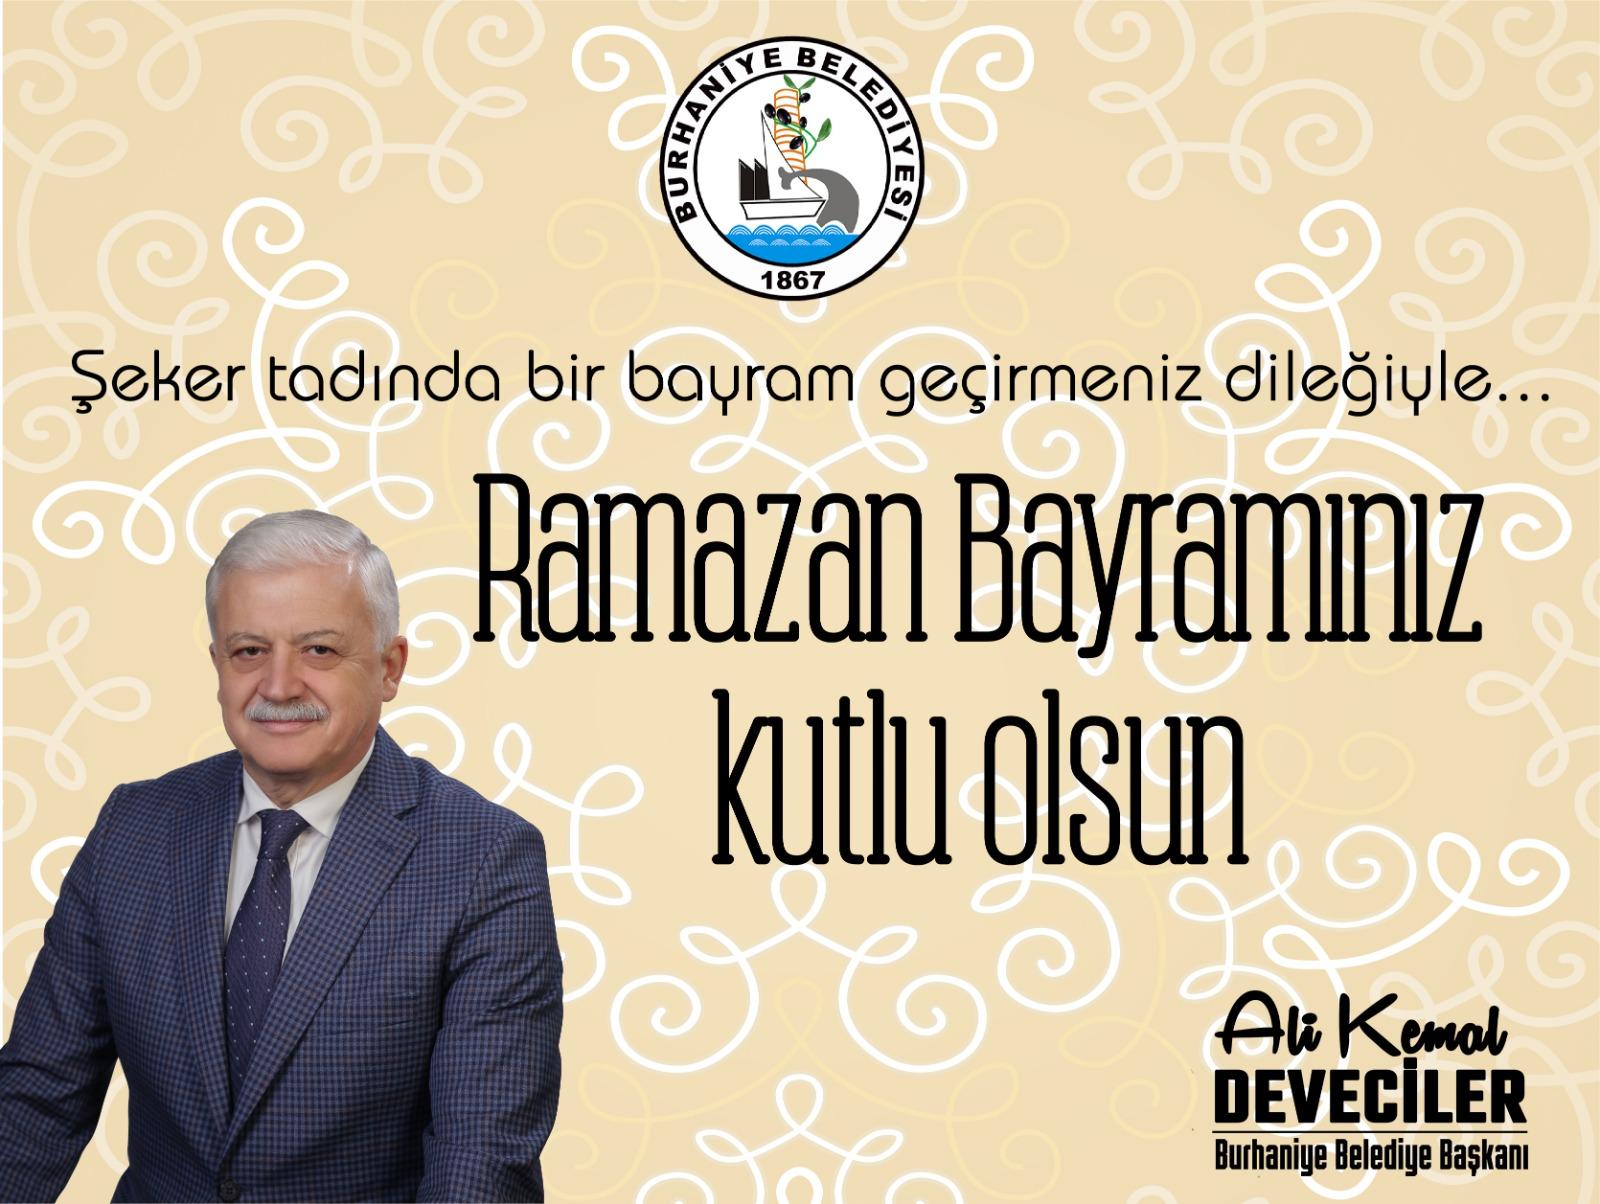 Başkan Deveciler'den Ramazan Bayramı Mesajı